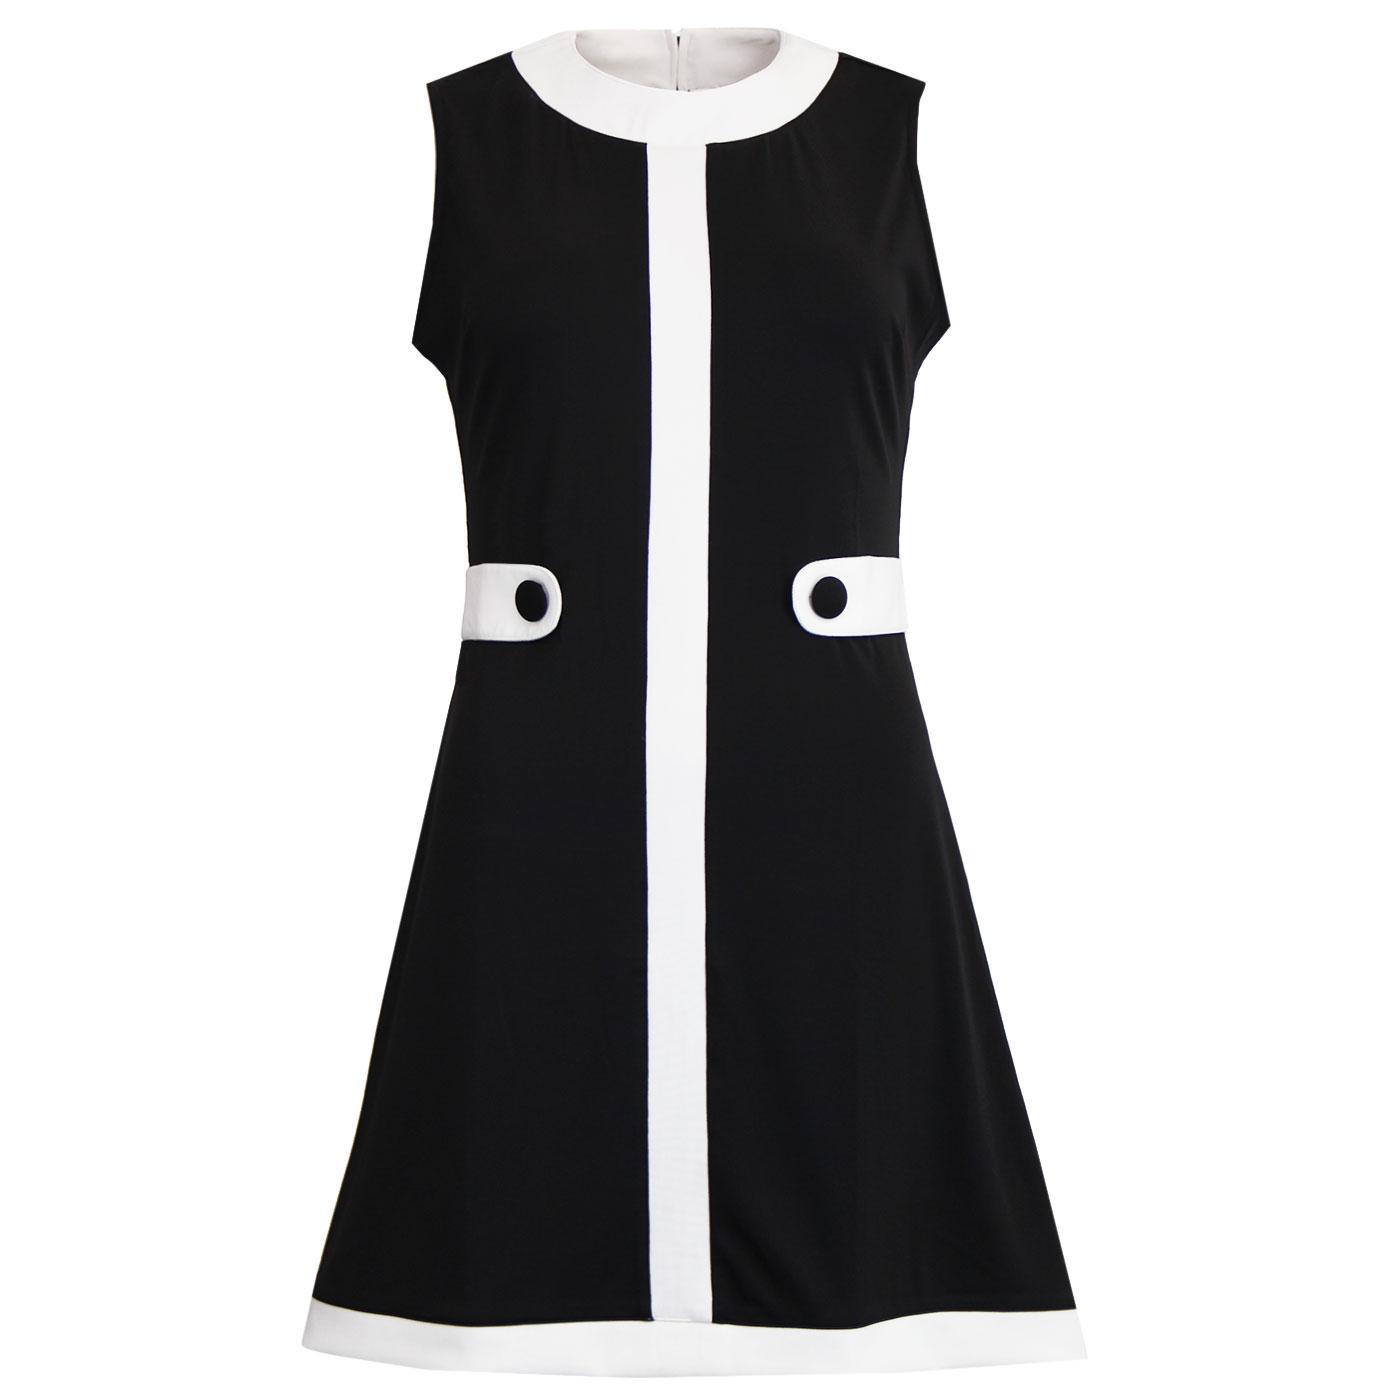 À Go-go MADCAP ENGLAND 60s Mod Centre Stripe Dress